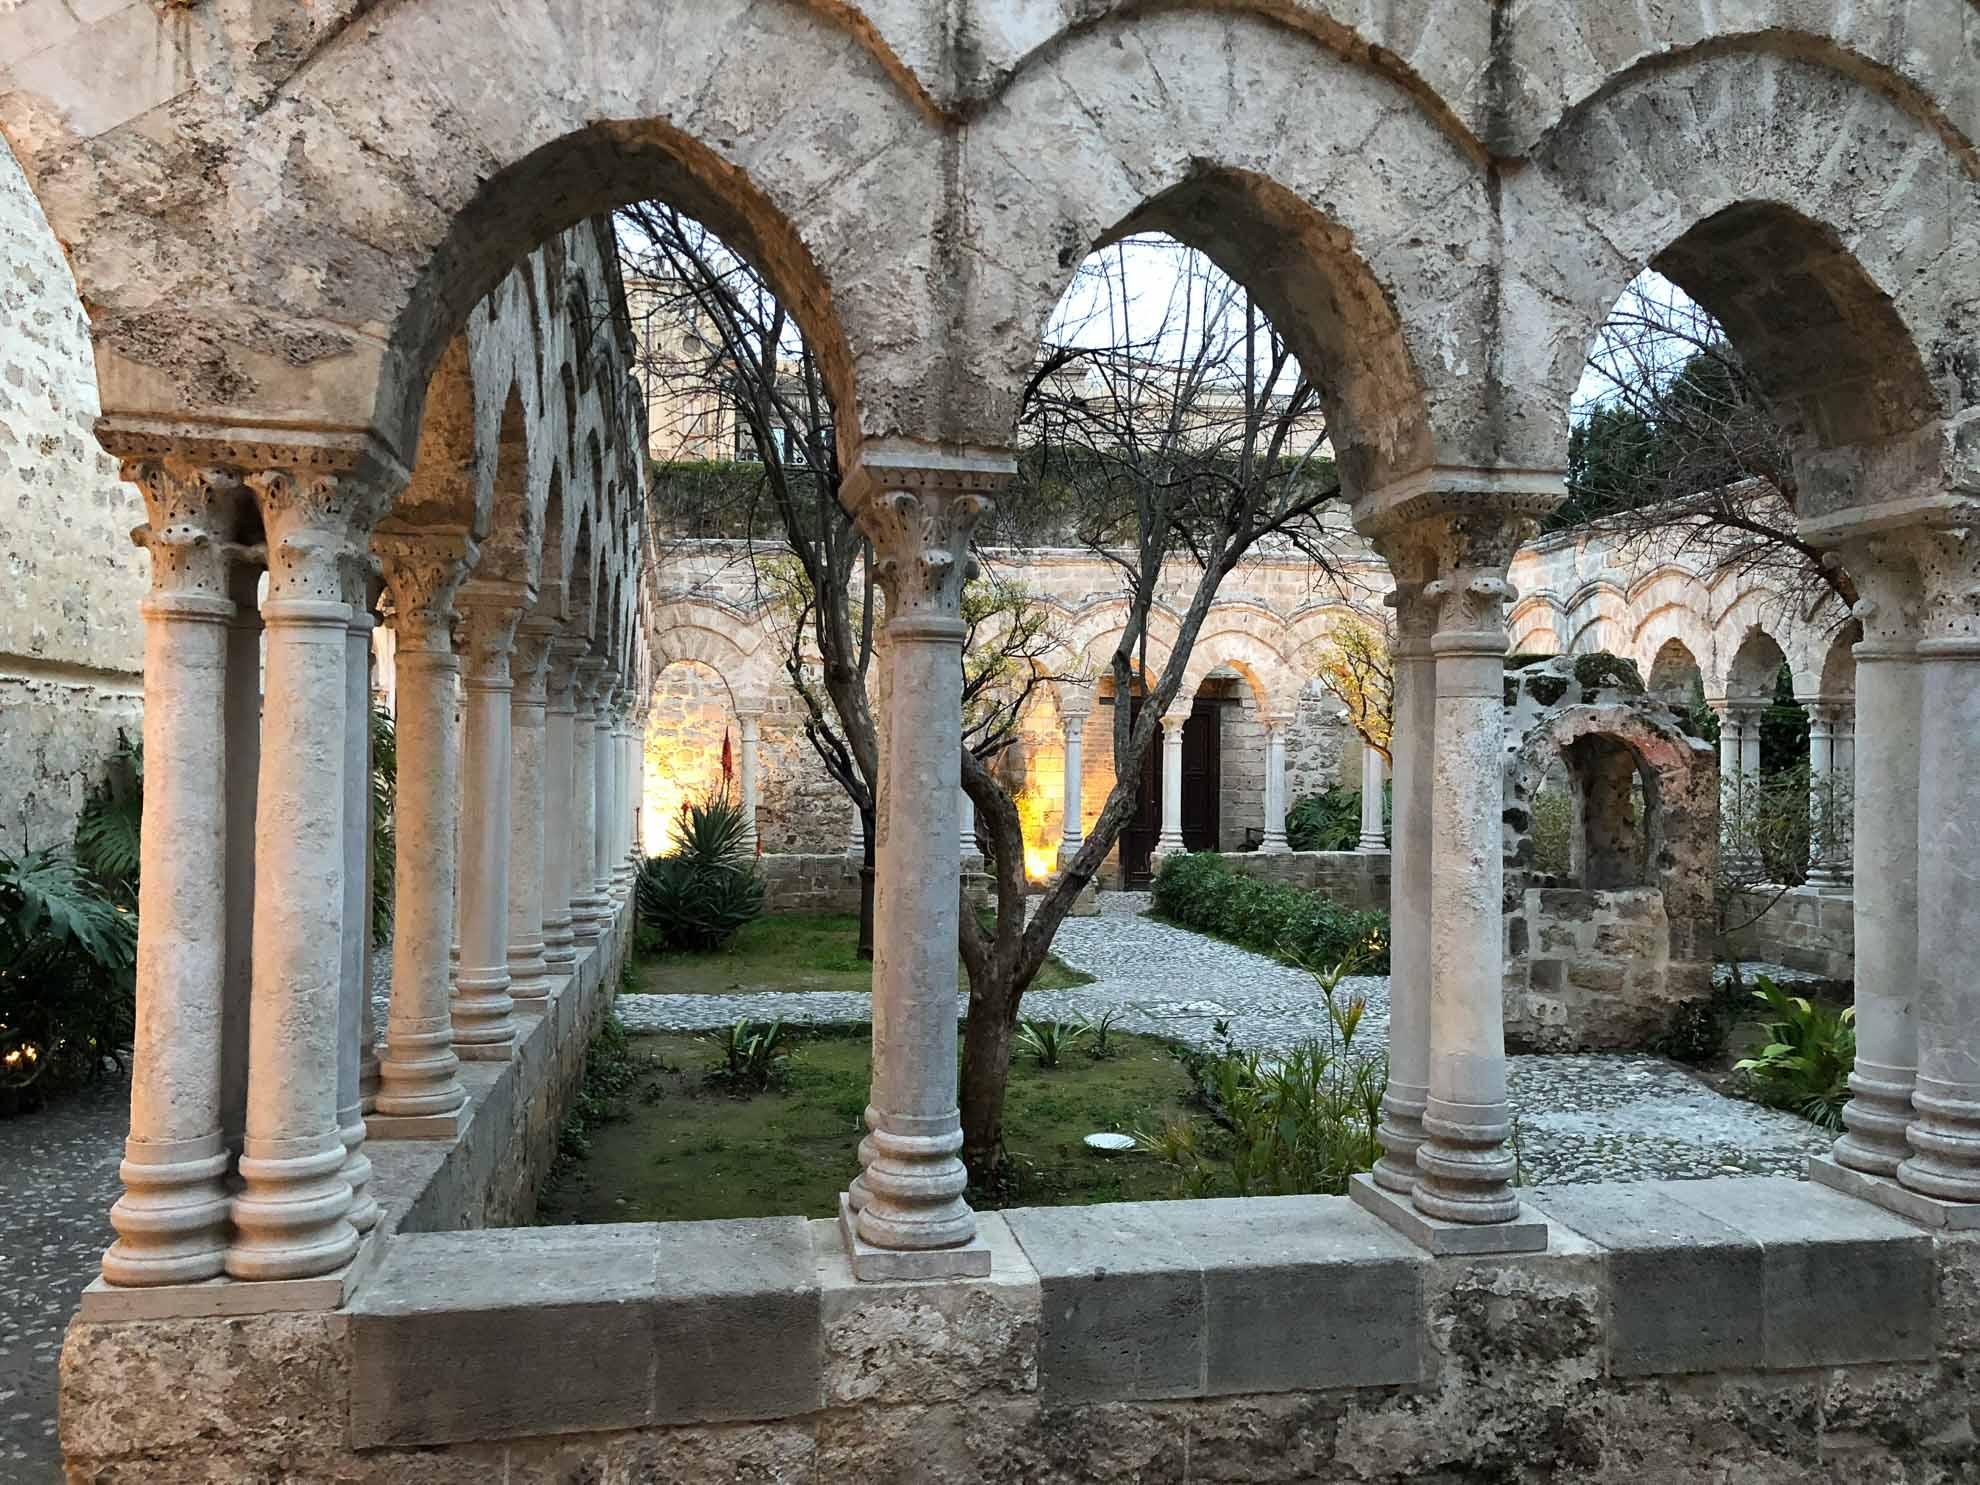 Auch sie vereint verschiedene Stile aus normannischer, byzantinischer und arabischer Baukunst.